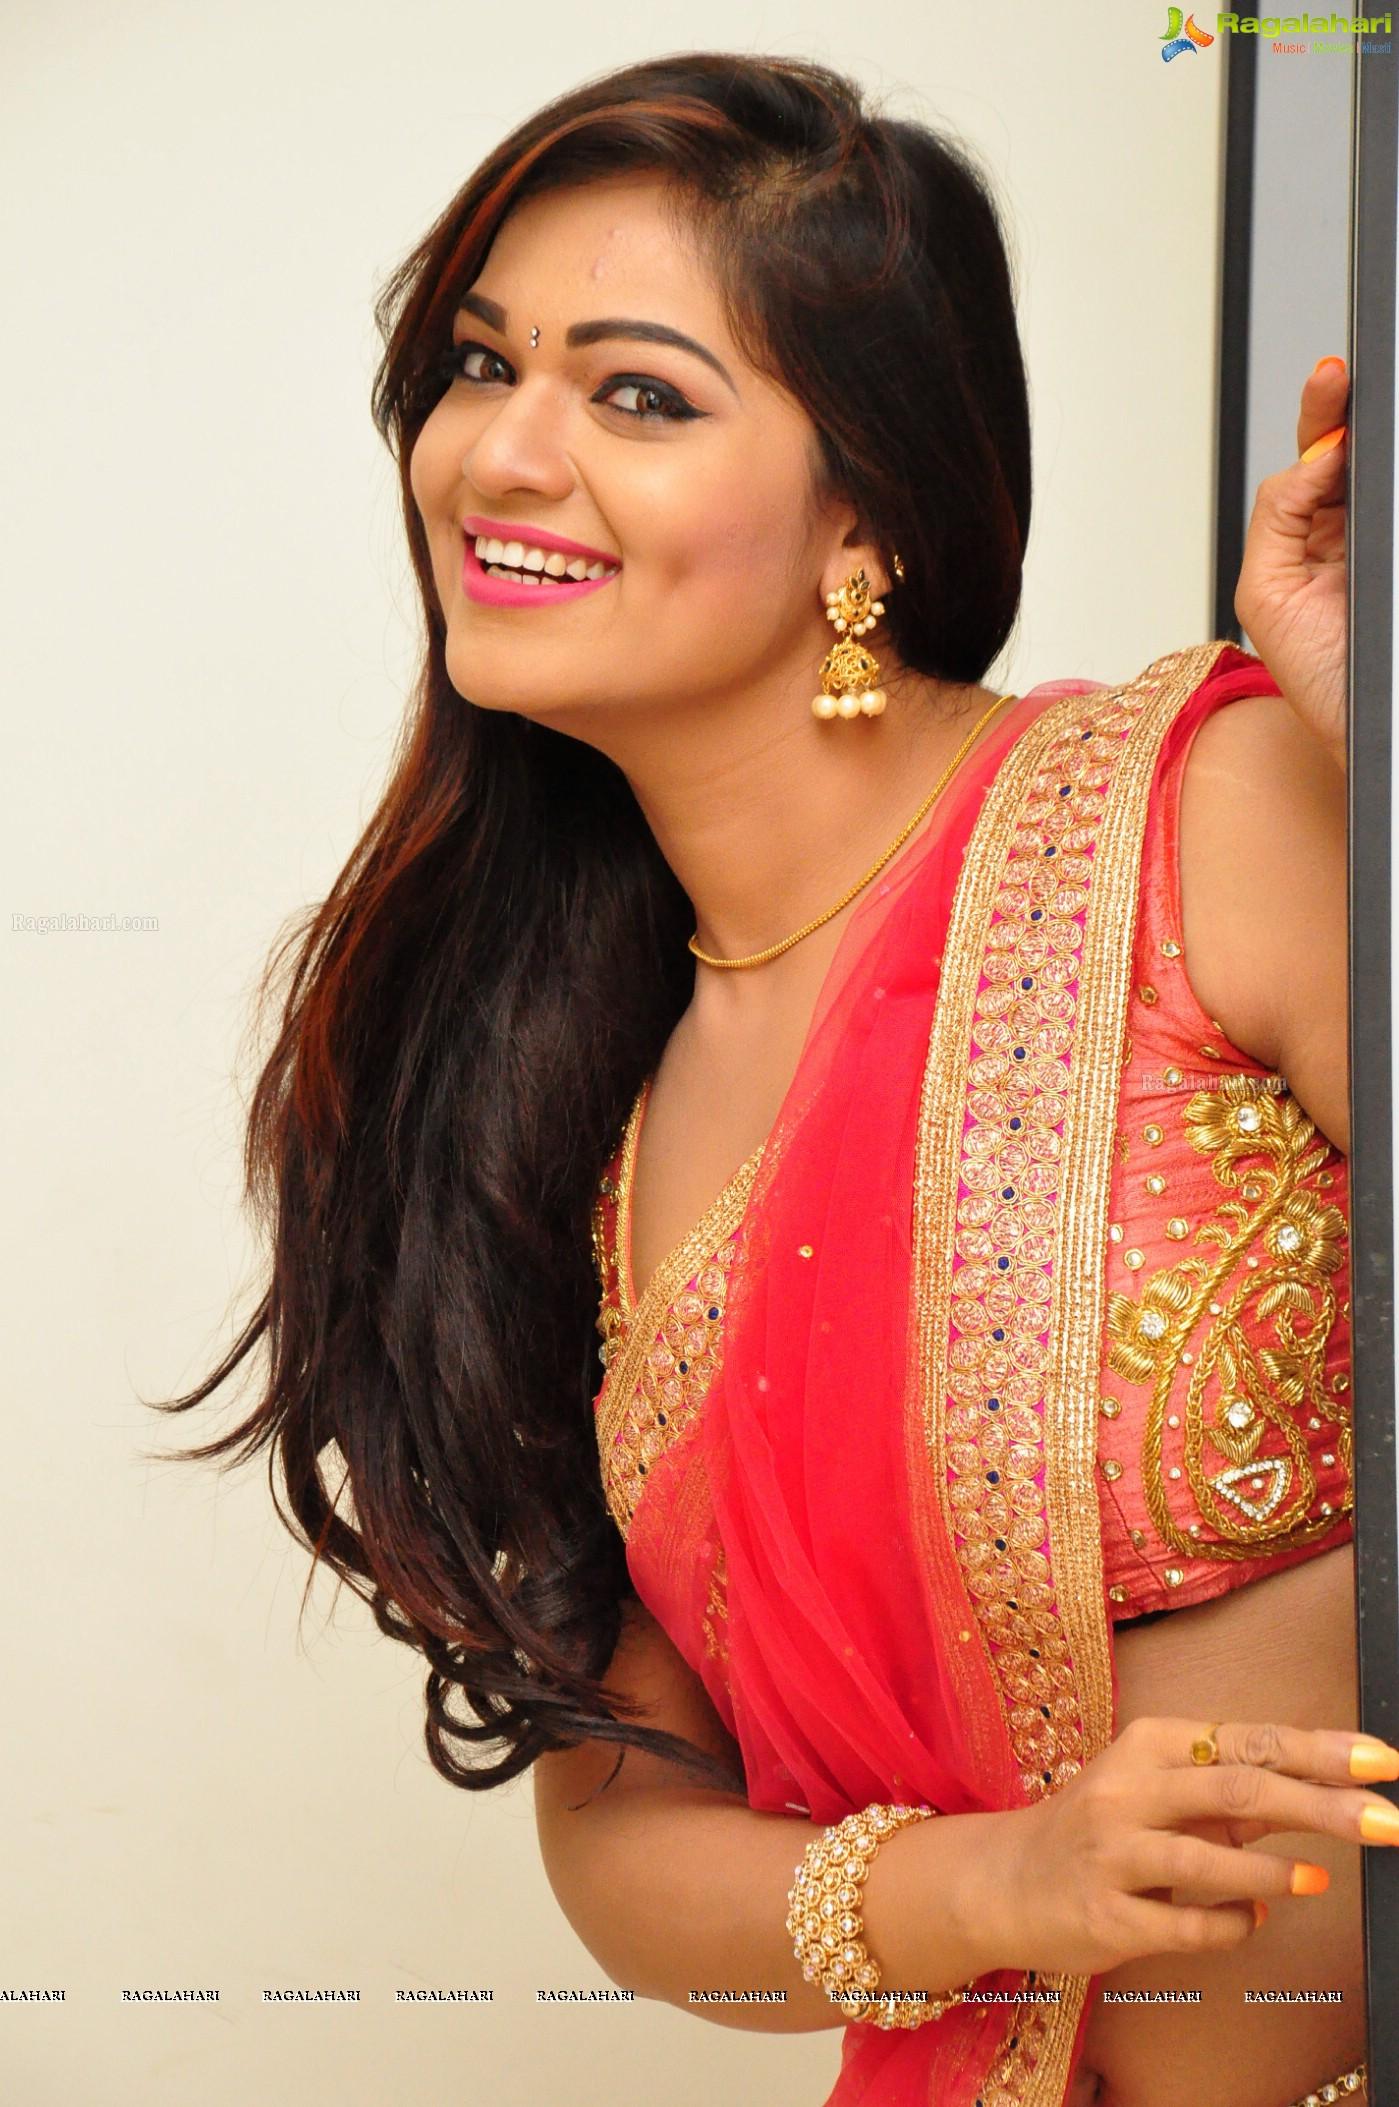 Ashwini (Posters) Image 1 | Telugu Actress Images,Images ...